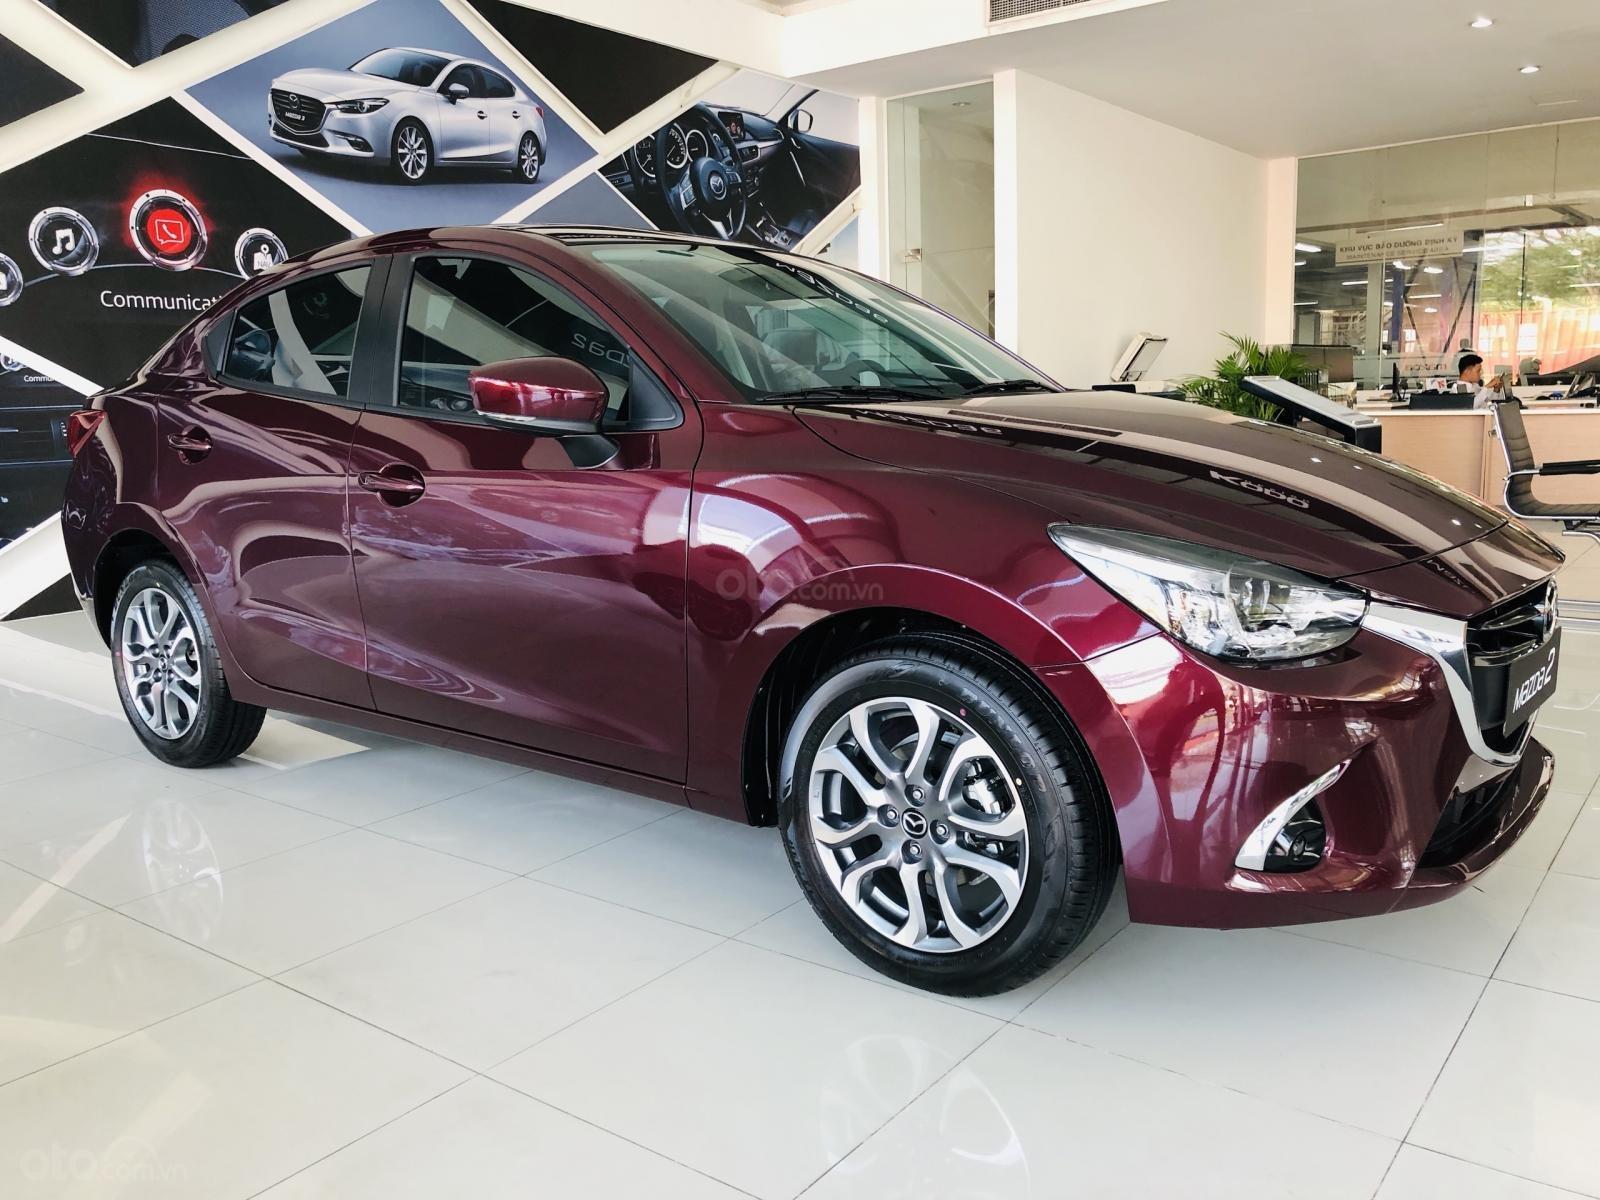 Nhanh tay sở hữu Mazda 2 Sedan 1.5 2019 - Ưu đãi hấp dẫn - Hỗ trợ ngân hàng tối đa 80% giá trị xe (2)